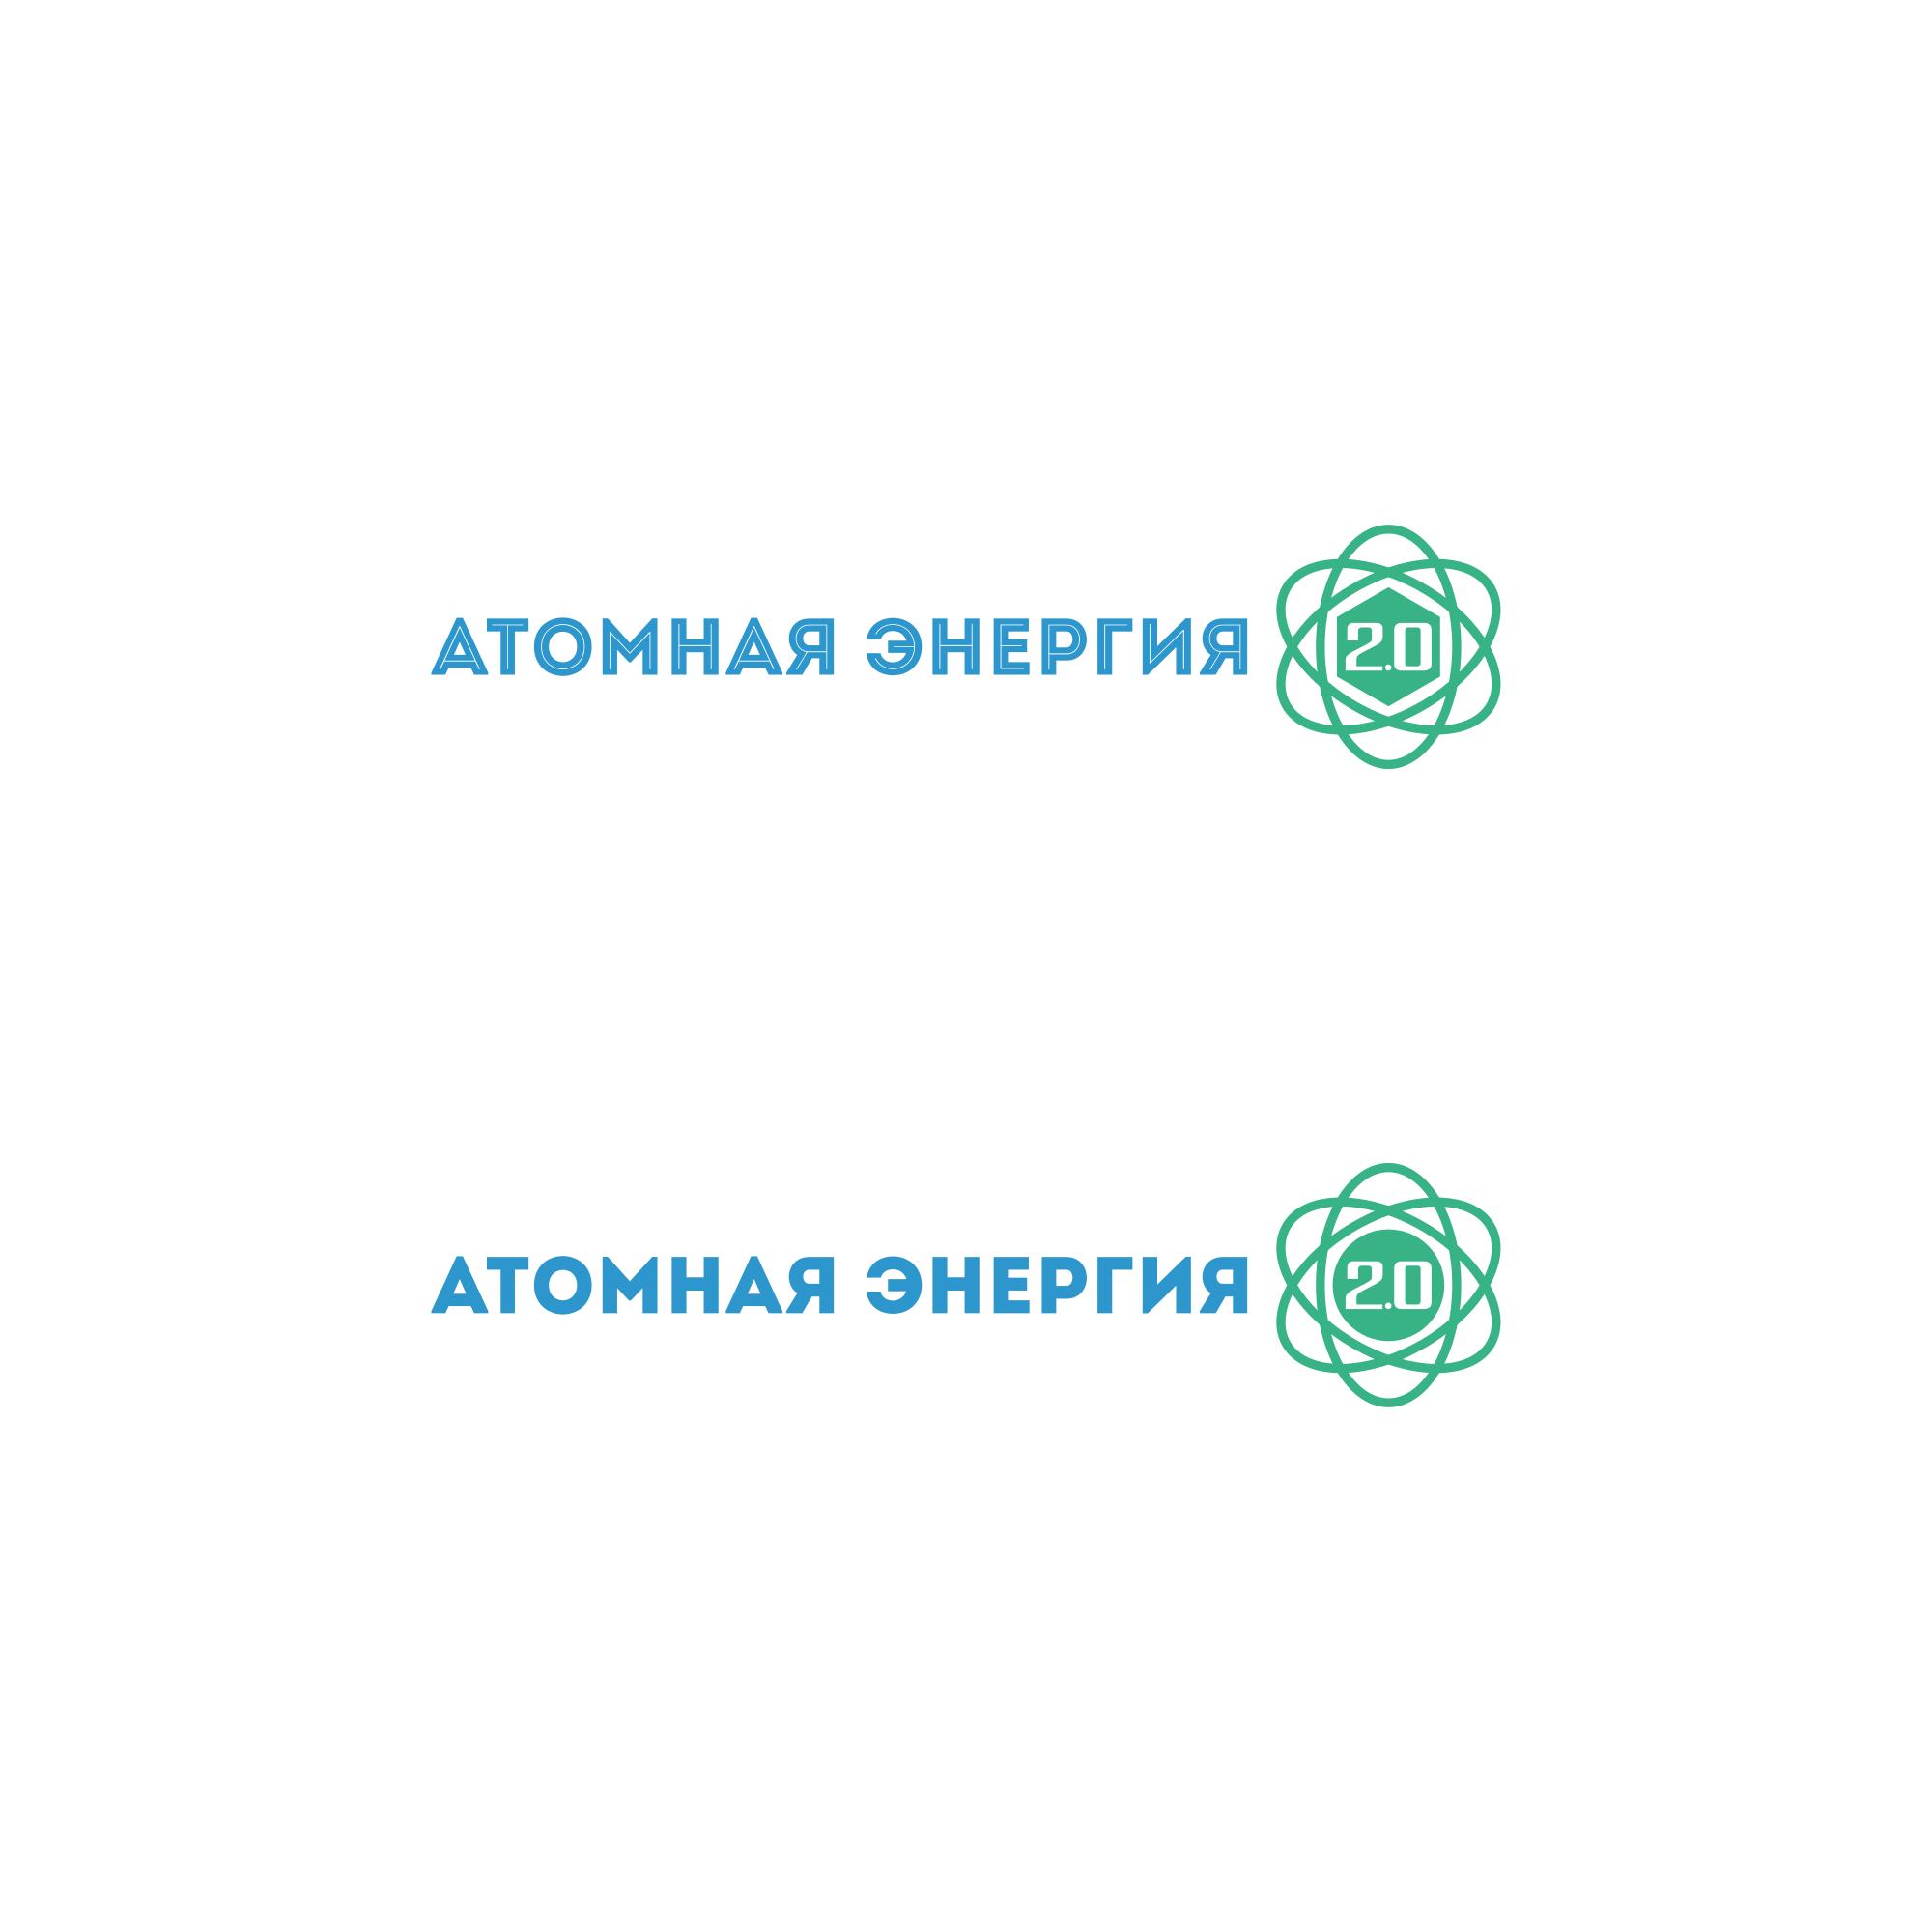 """Фирменный стиль для научного портала """"Атомная энергия 2.0"""" фото f_95559fd5b27d272b.png"""